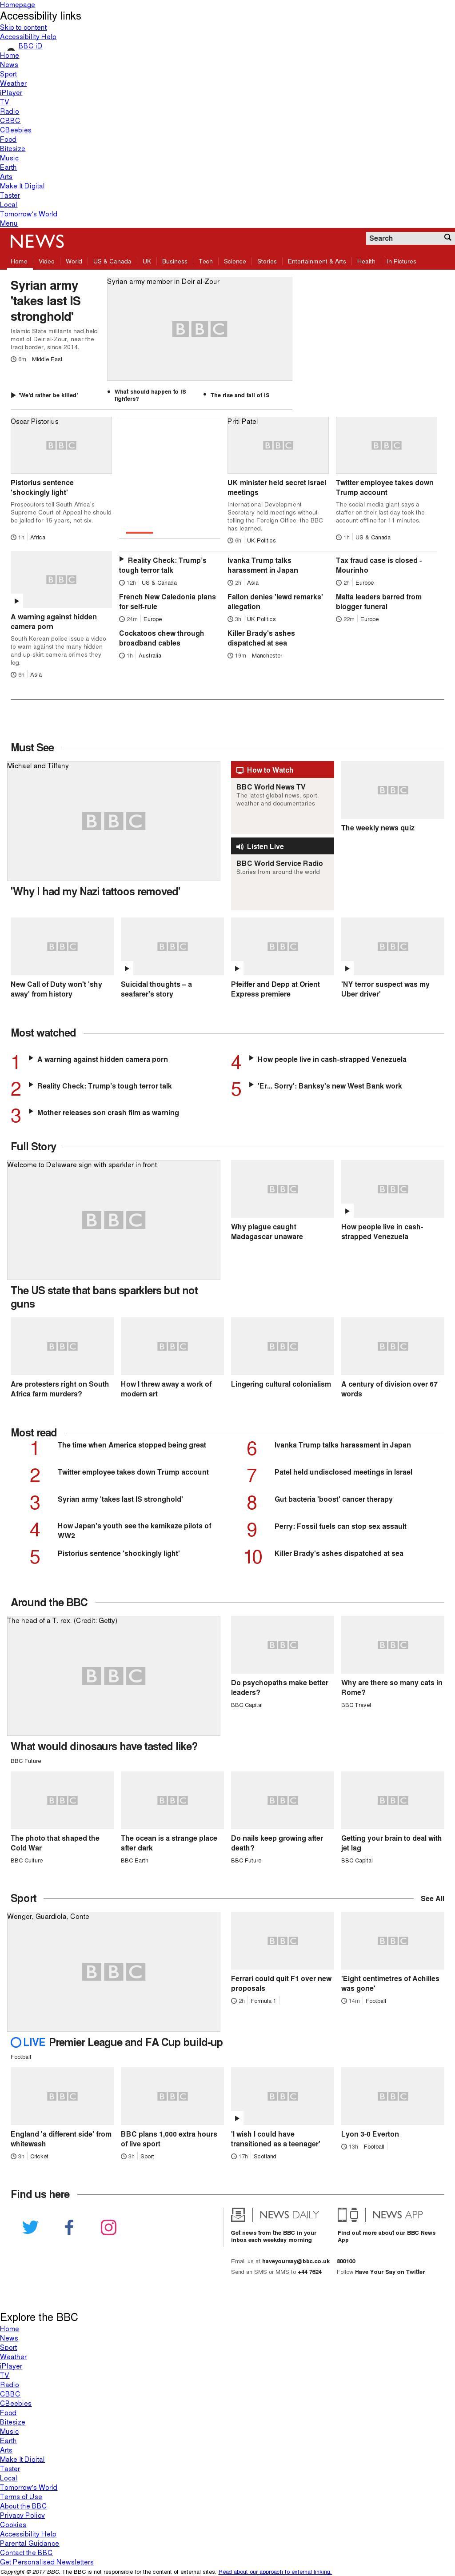 BBC at Friday Nov. 3, 2017, noon UTC